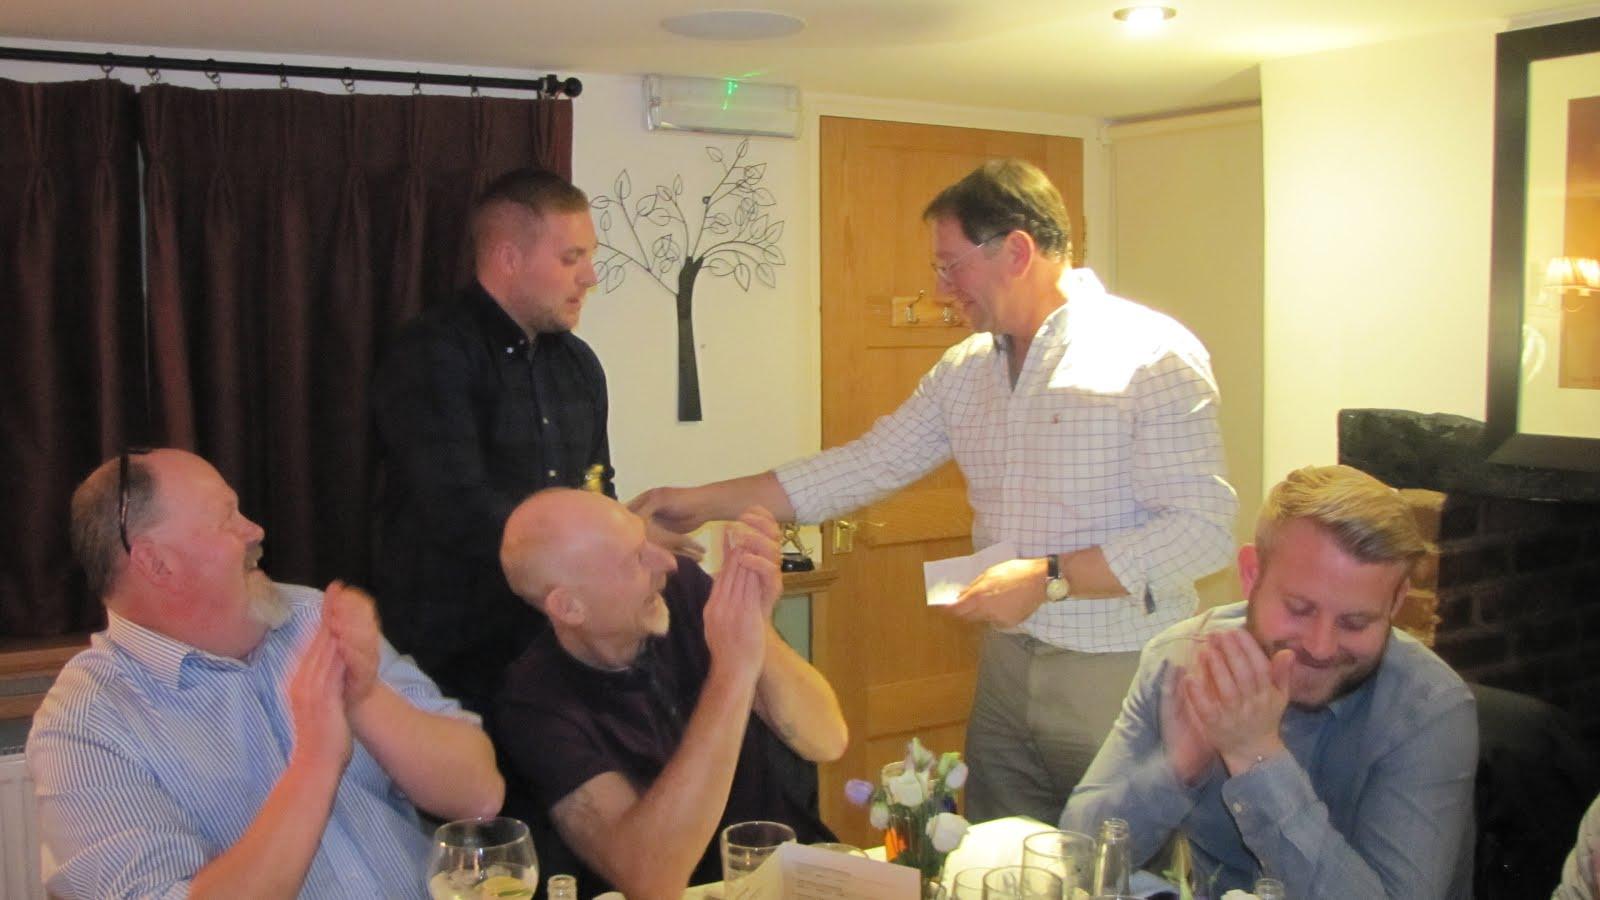 Ben Atkinson Wins the Batting Award